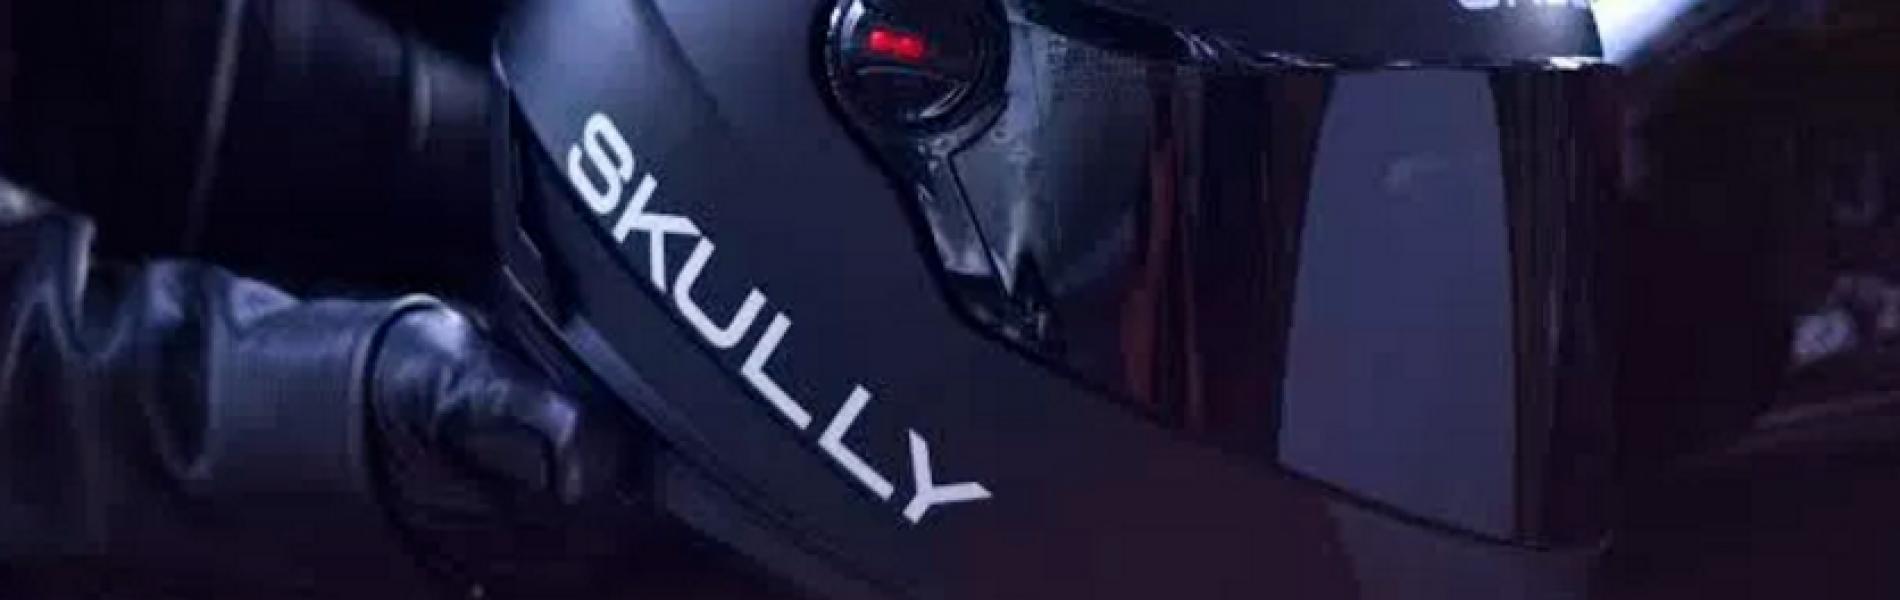 IndieGoGo Fail: Skully Headset